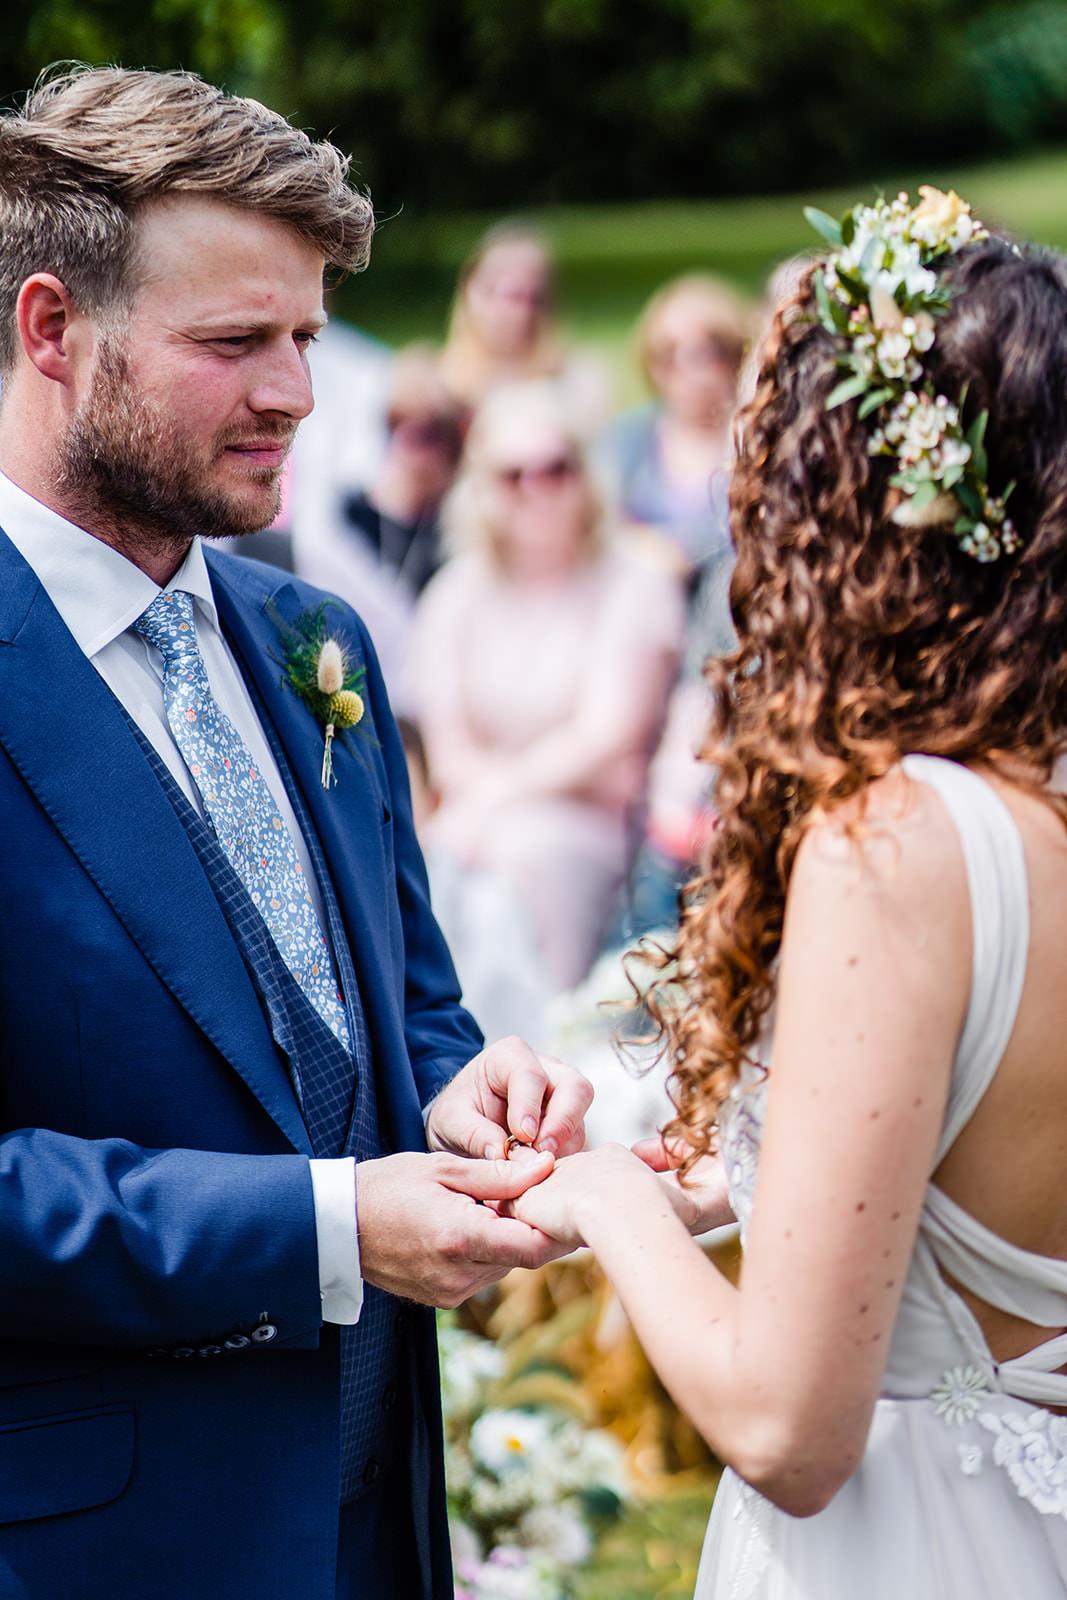 Exchange of Rings Wedding Photo